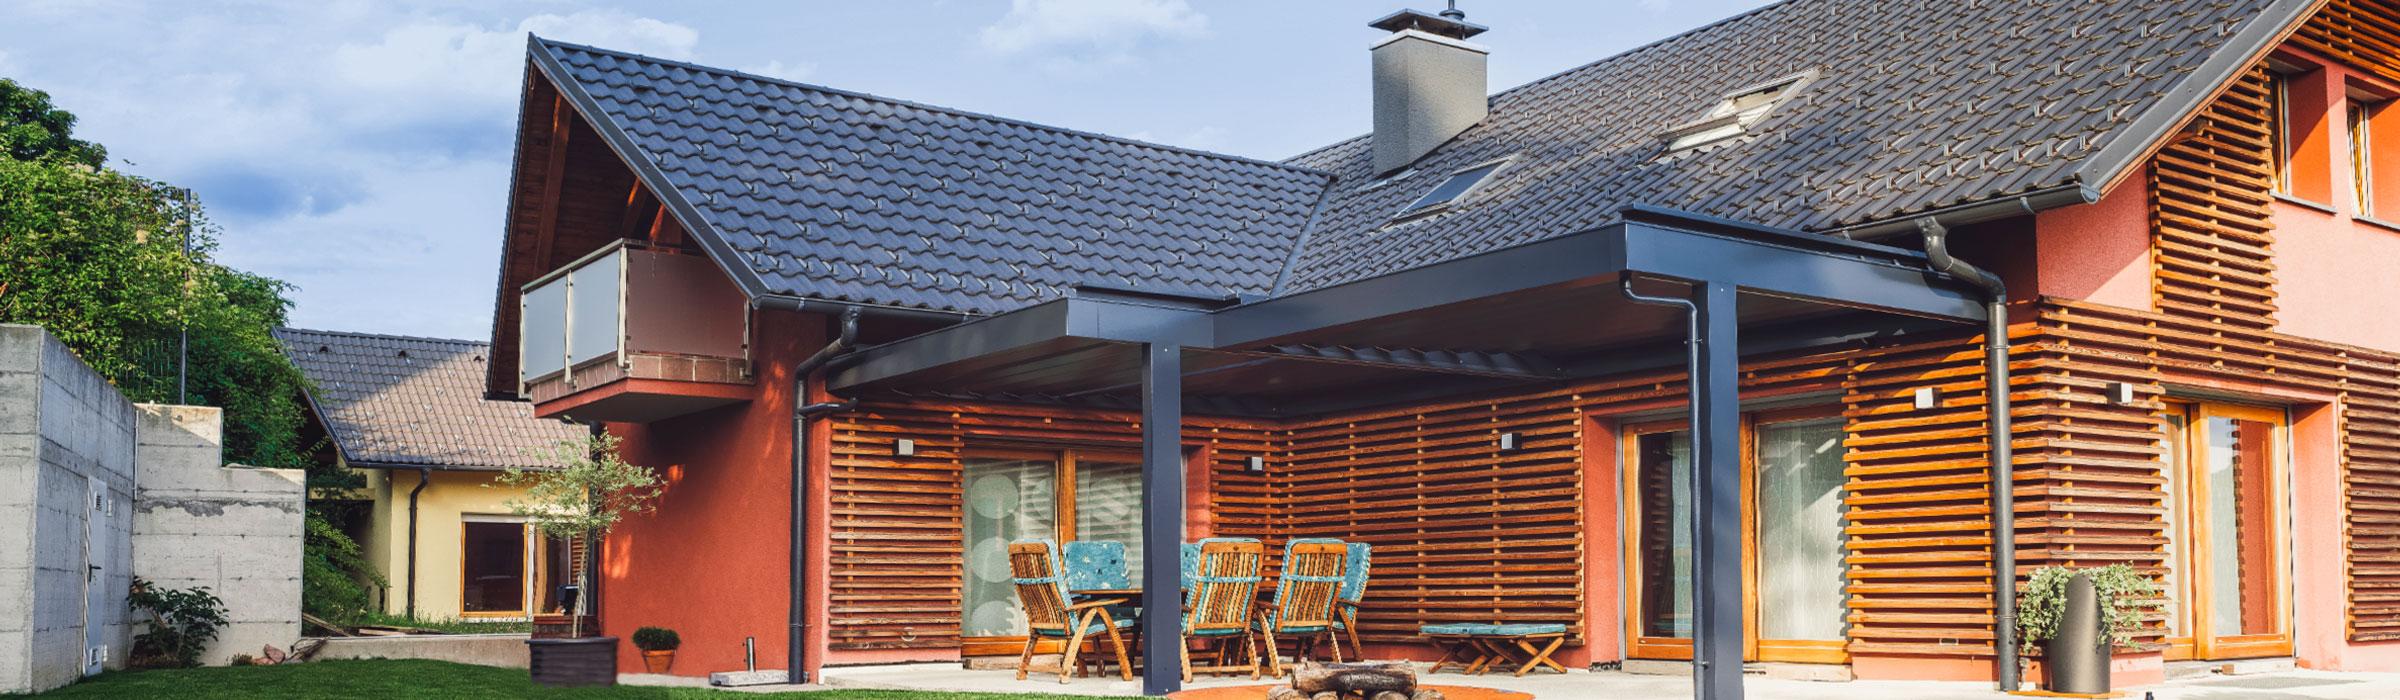 Fassaden, Außenfassade aus Holz